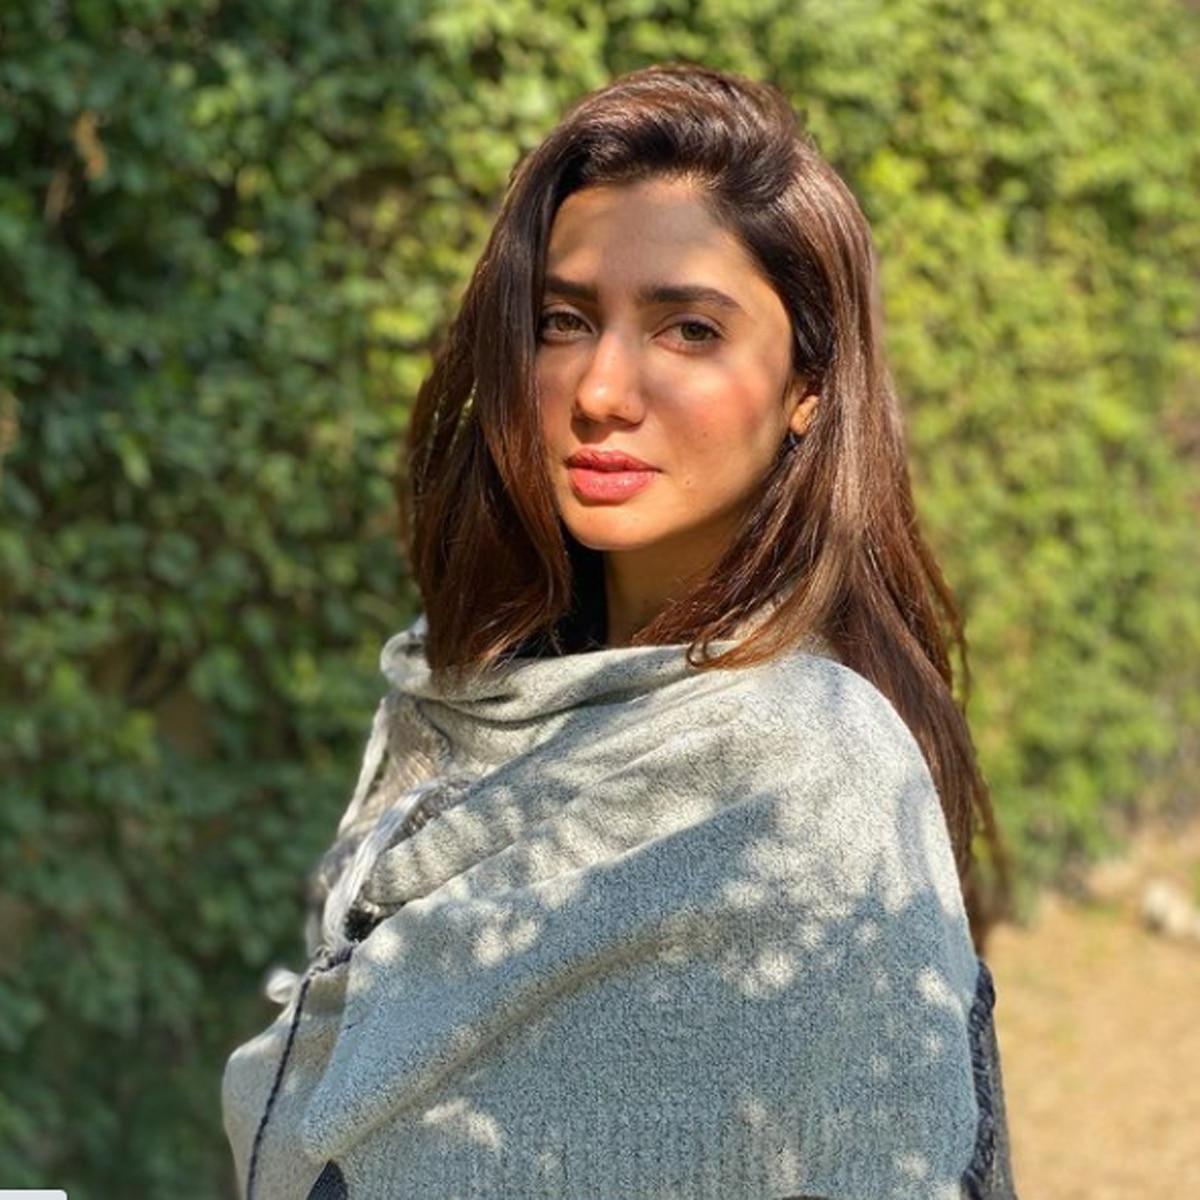 माहिरा खान